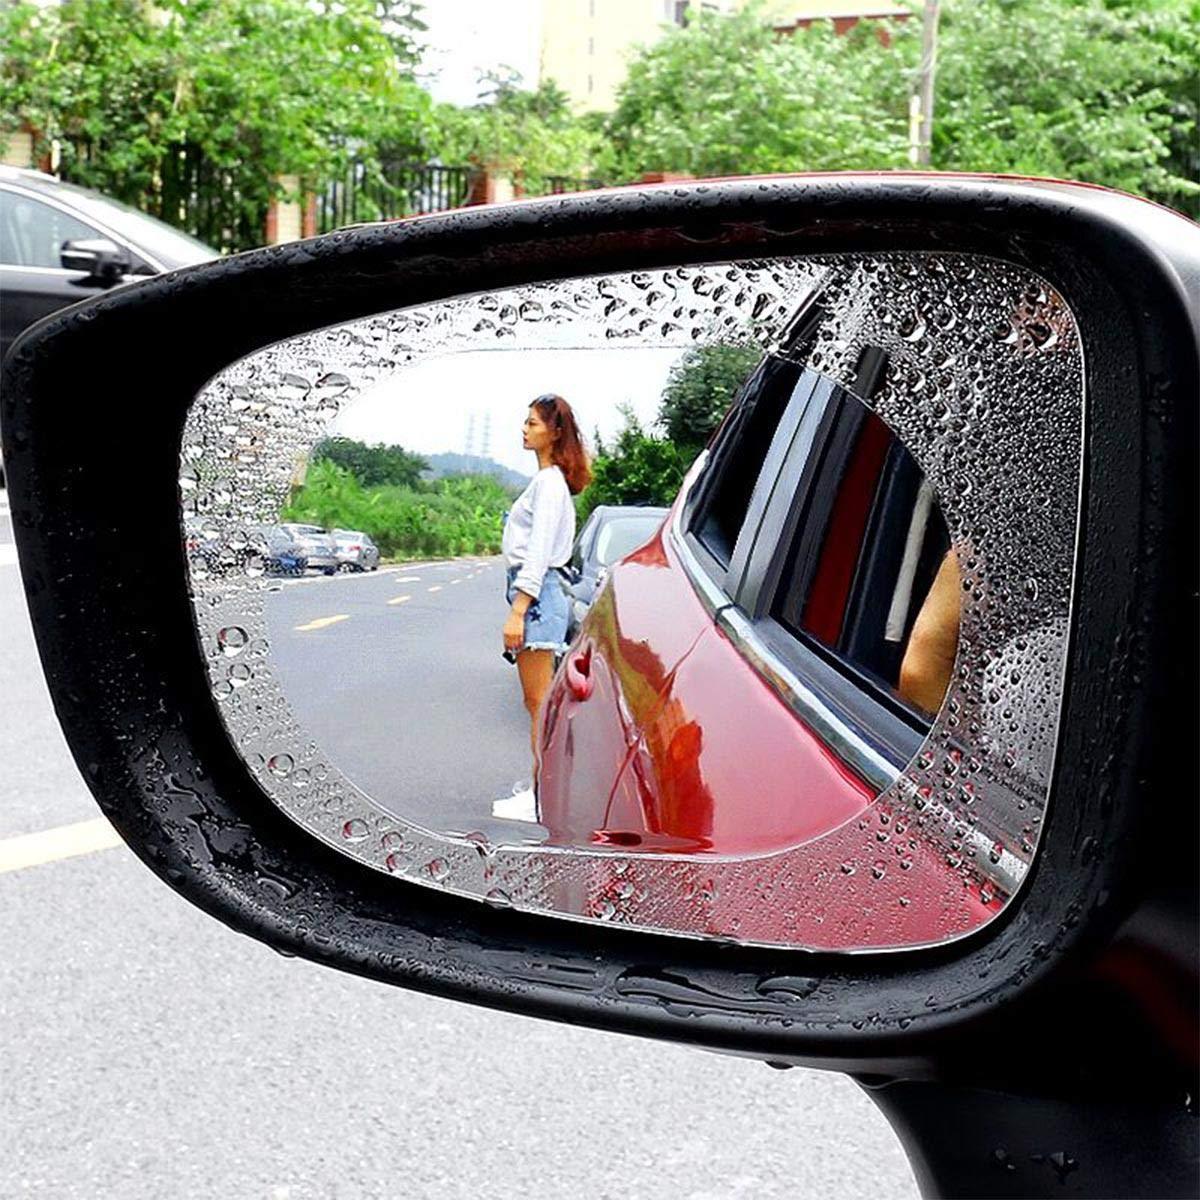 HD Auto-Fenster-Schutzfolie Kofferraum Anti-Beschlag f/ür Universal Auto MOGOI Anti-Beschlag-Folie Anti-Kratz SUV R/ückspiegelfolie regenfest